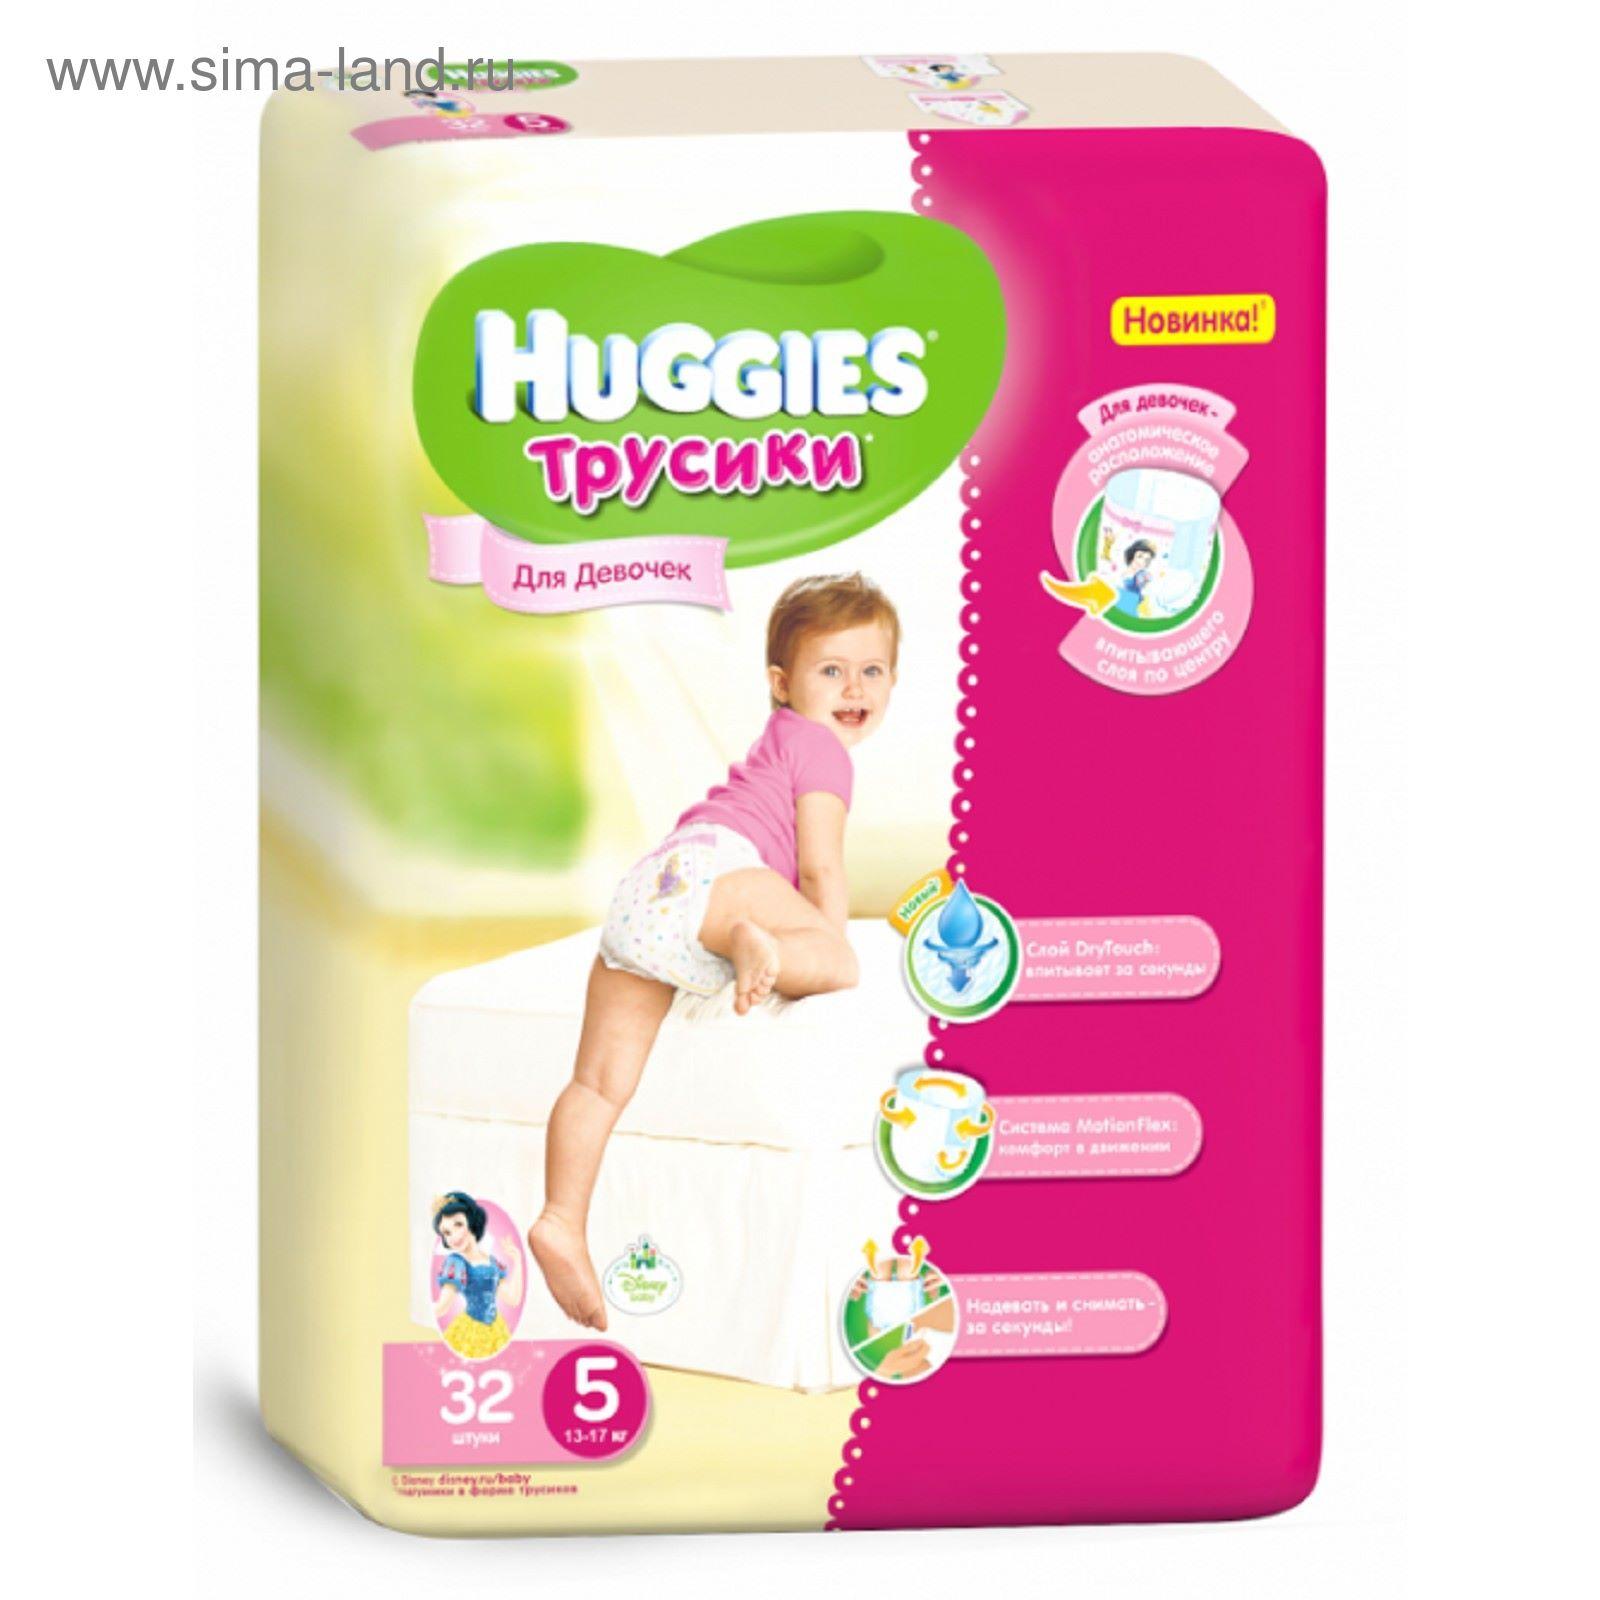 Трусики-подгузники Huggies Little Walkers для девочек, размер 5 (13-17 кг ab045375864